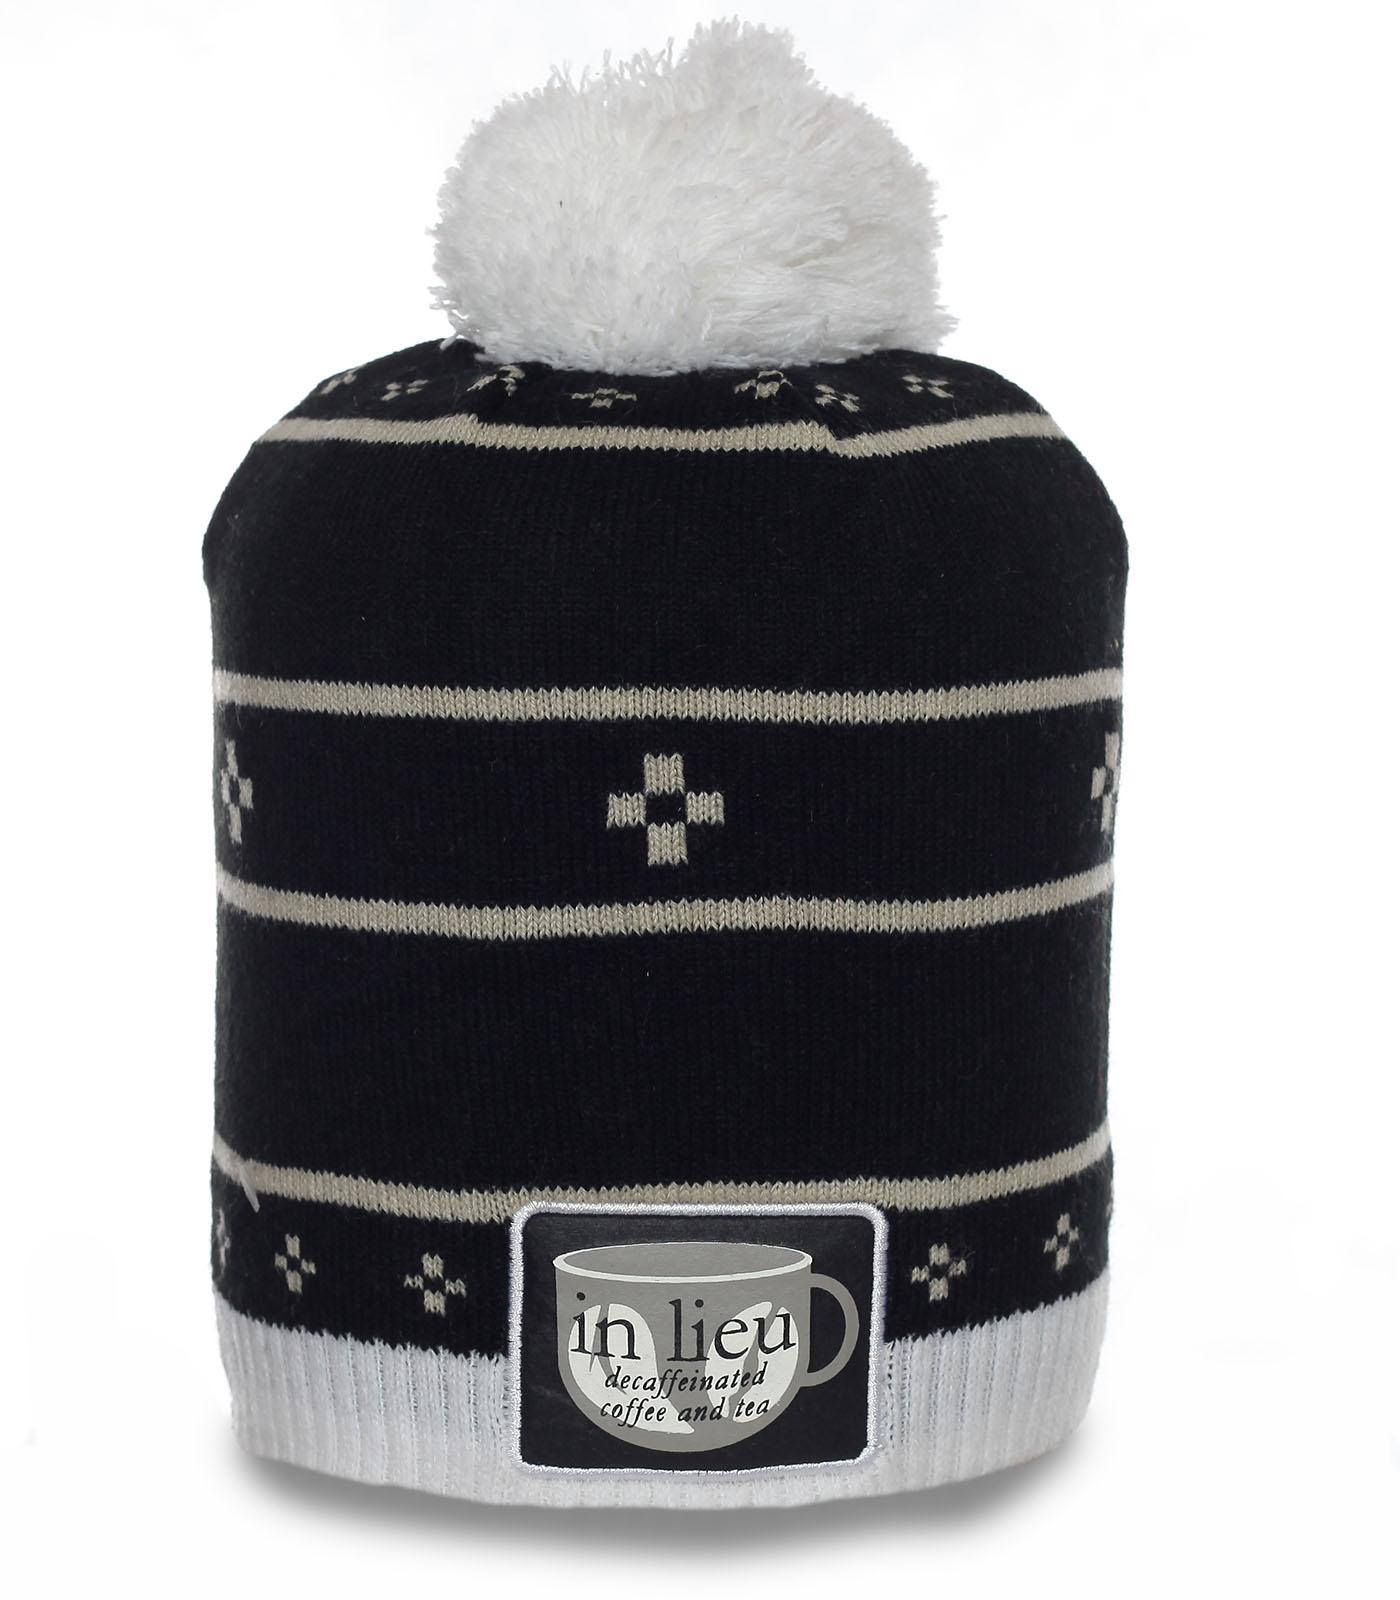 Молодежная шапка In Lieu. Фирменная модель для холодной погоды